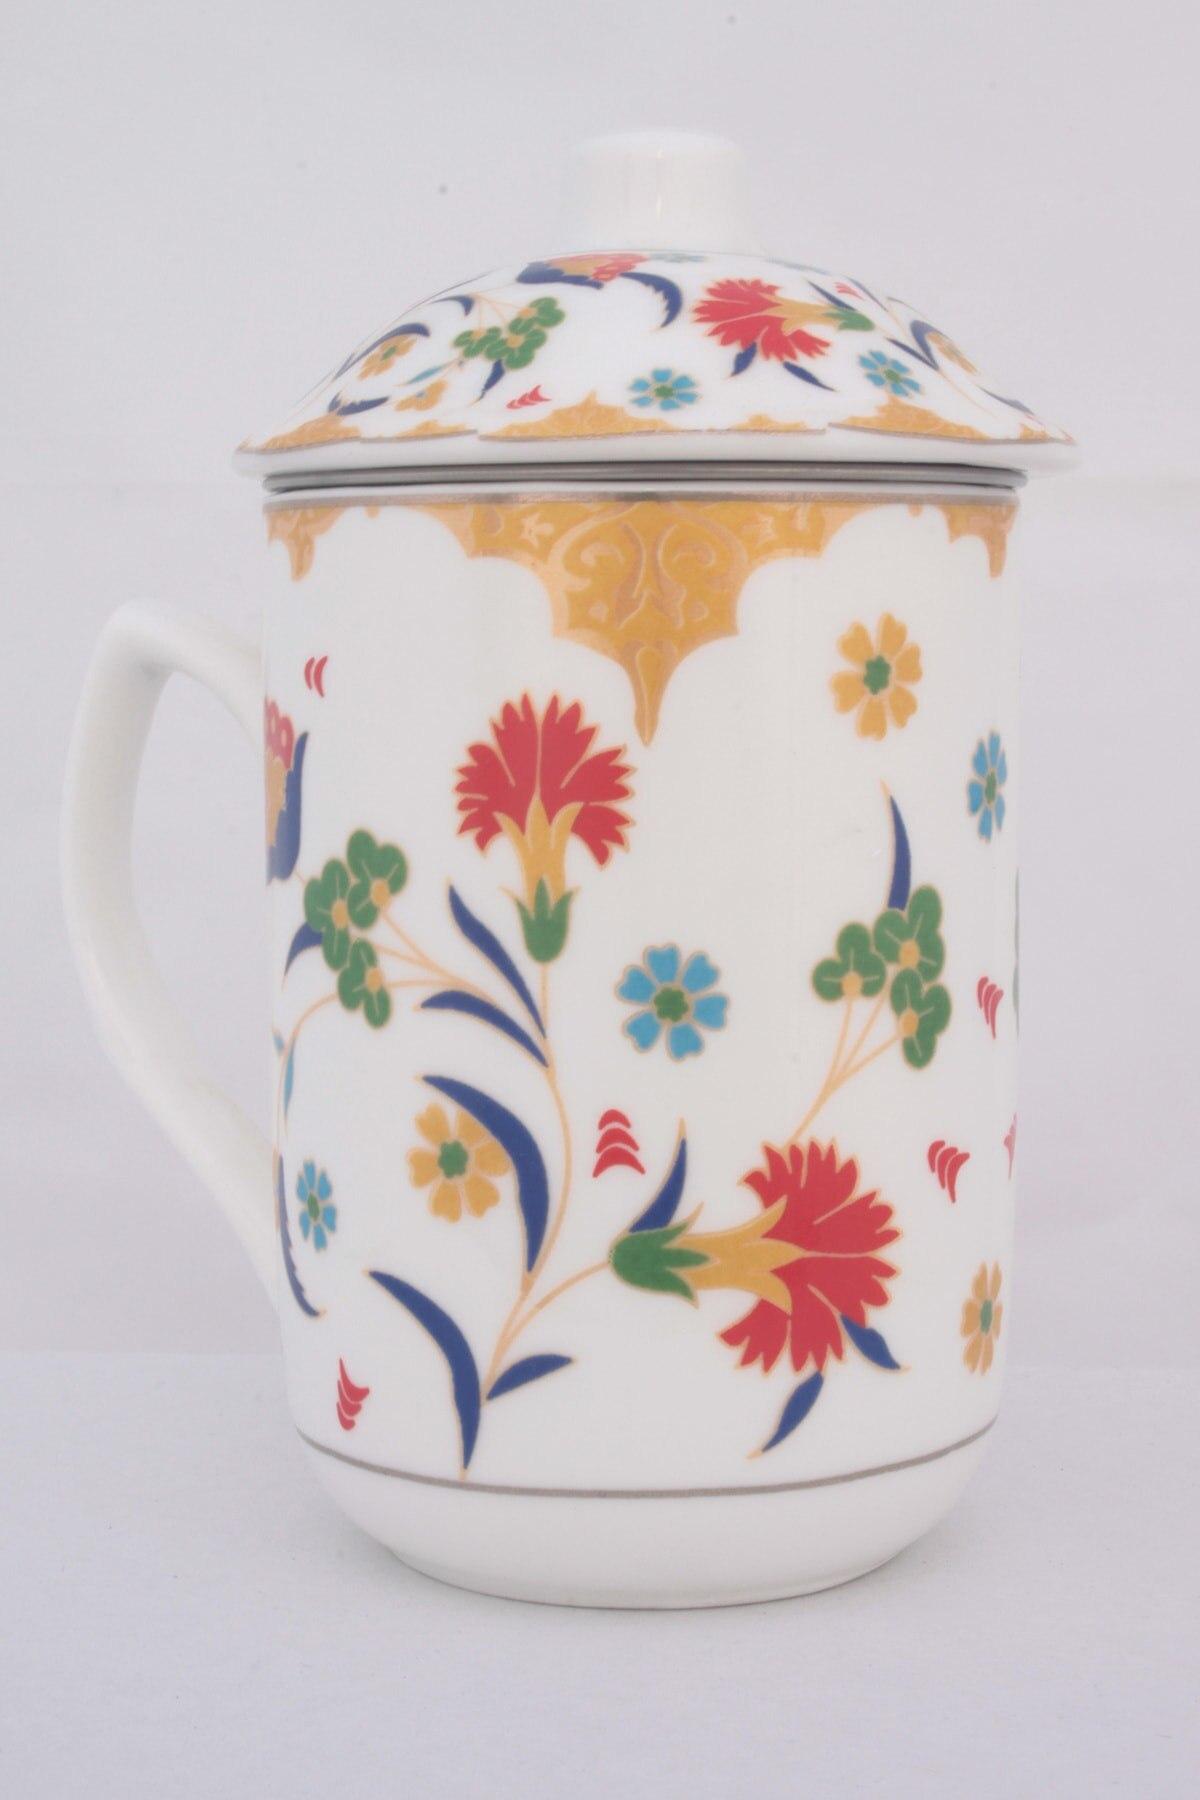 كوب شاي أعشاب من السيراميك مع مصفاة بلاط